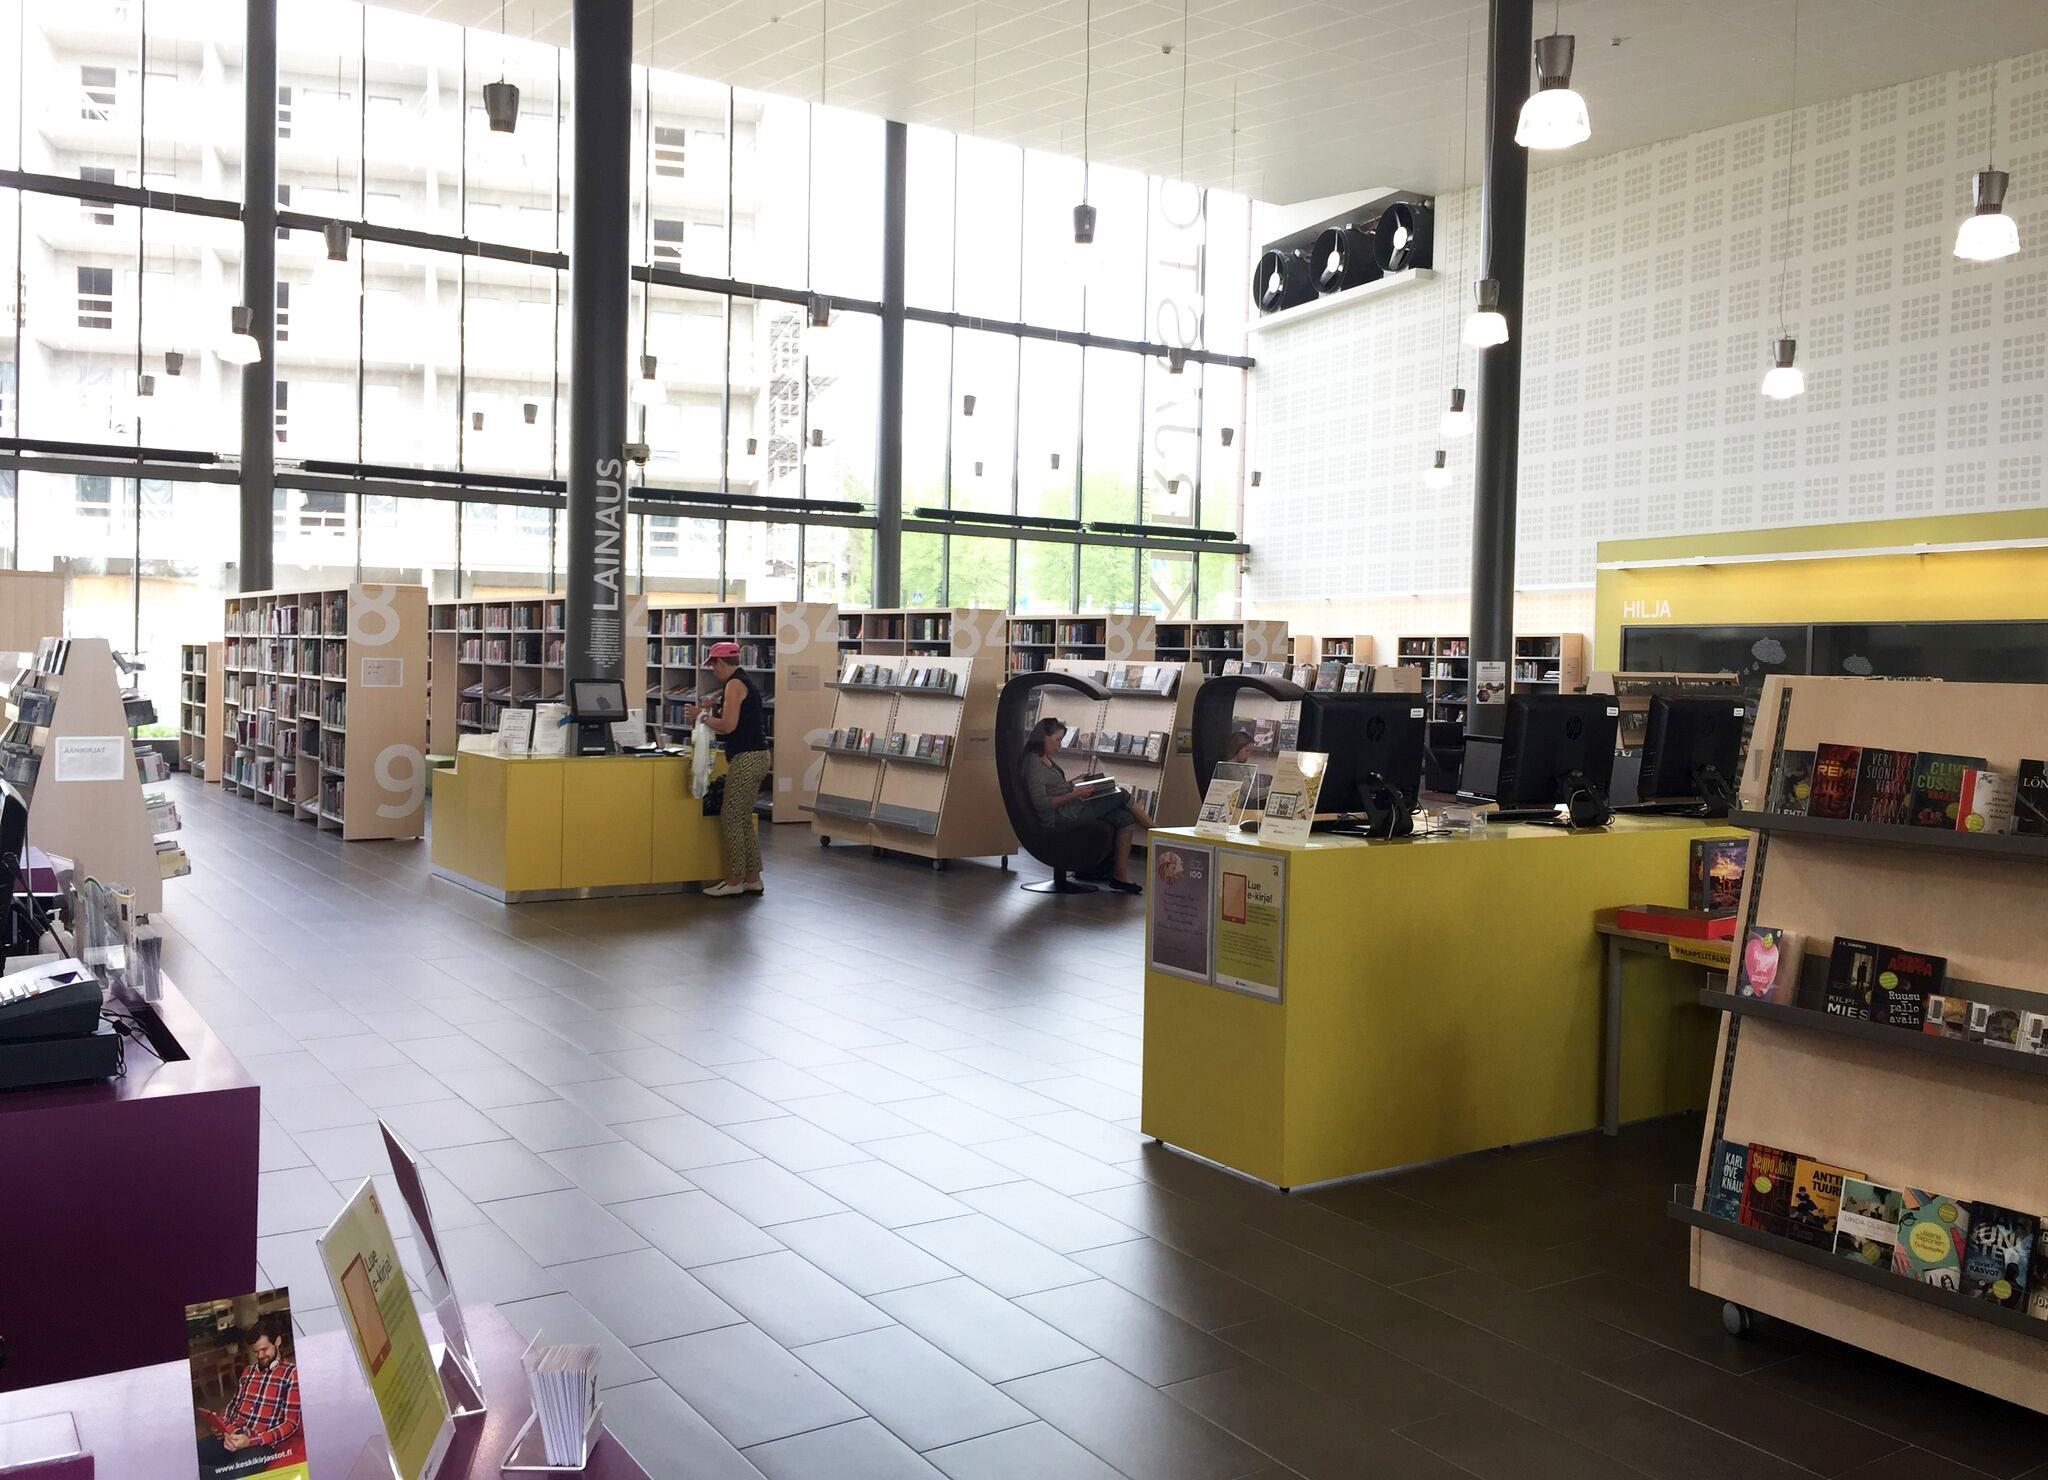 Luentojen ohella Kirjastopäivien aikana oli mahdollista tutustua Jyväskylän kirjastoihin ja mui-hin uusiin oppimistiloihin. Kuvassa näkymää Palokan aluekirjaston vuonna 2012 käyttöönotetuista tiloista.